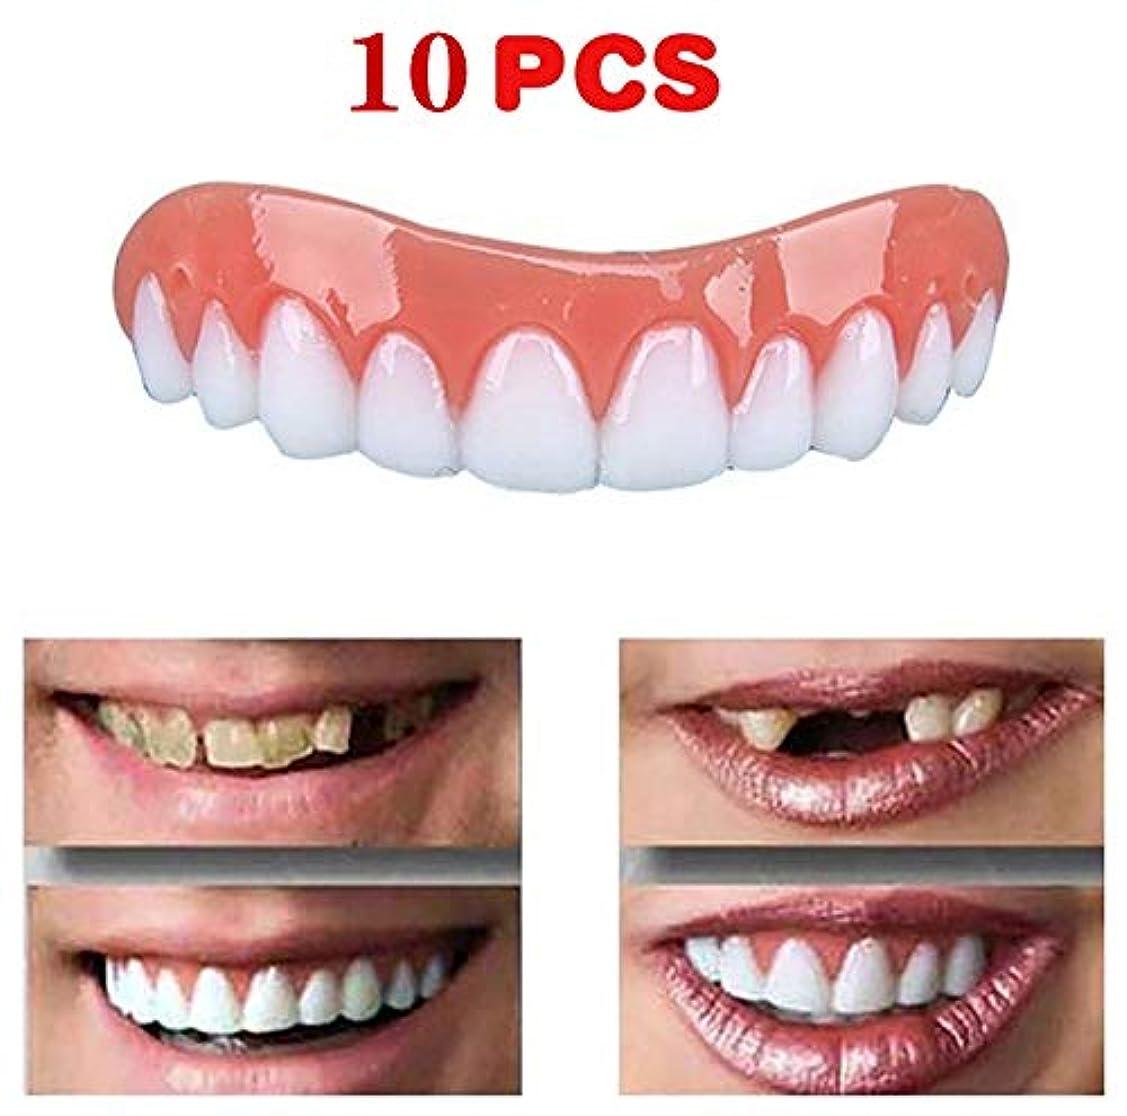 裸エンコミウム少年10ピース新しい再利用可能な大人のスナップオンパーフェクトスマイルホワイトニング義歯フィットフレックス化粧品歯快適な突き板カバーデンタルケアアクセサリー